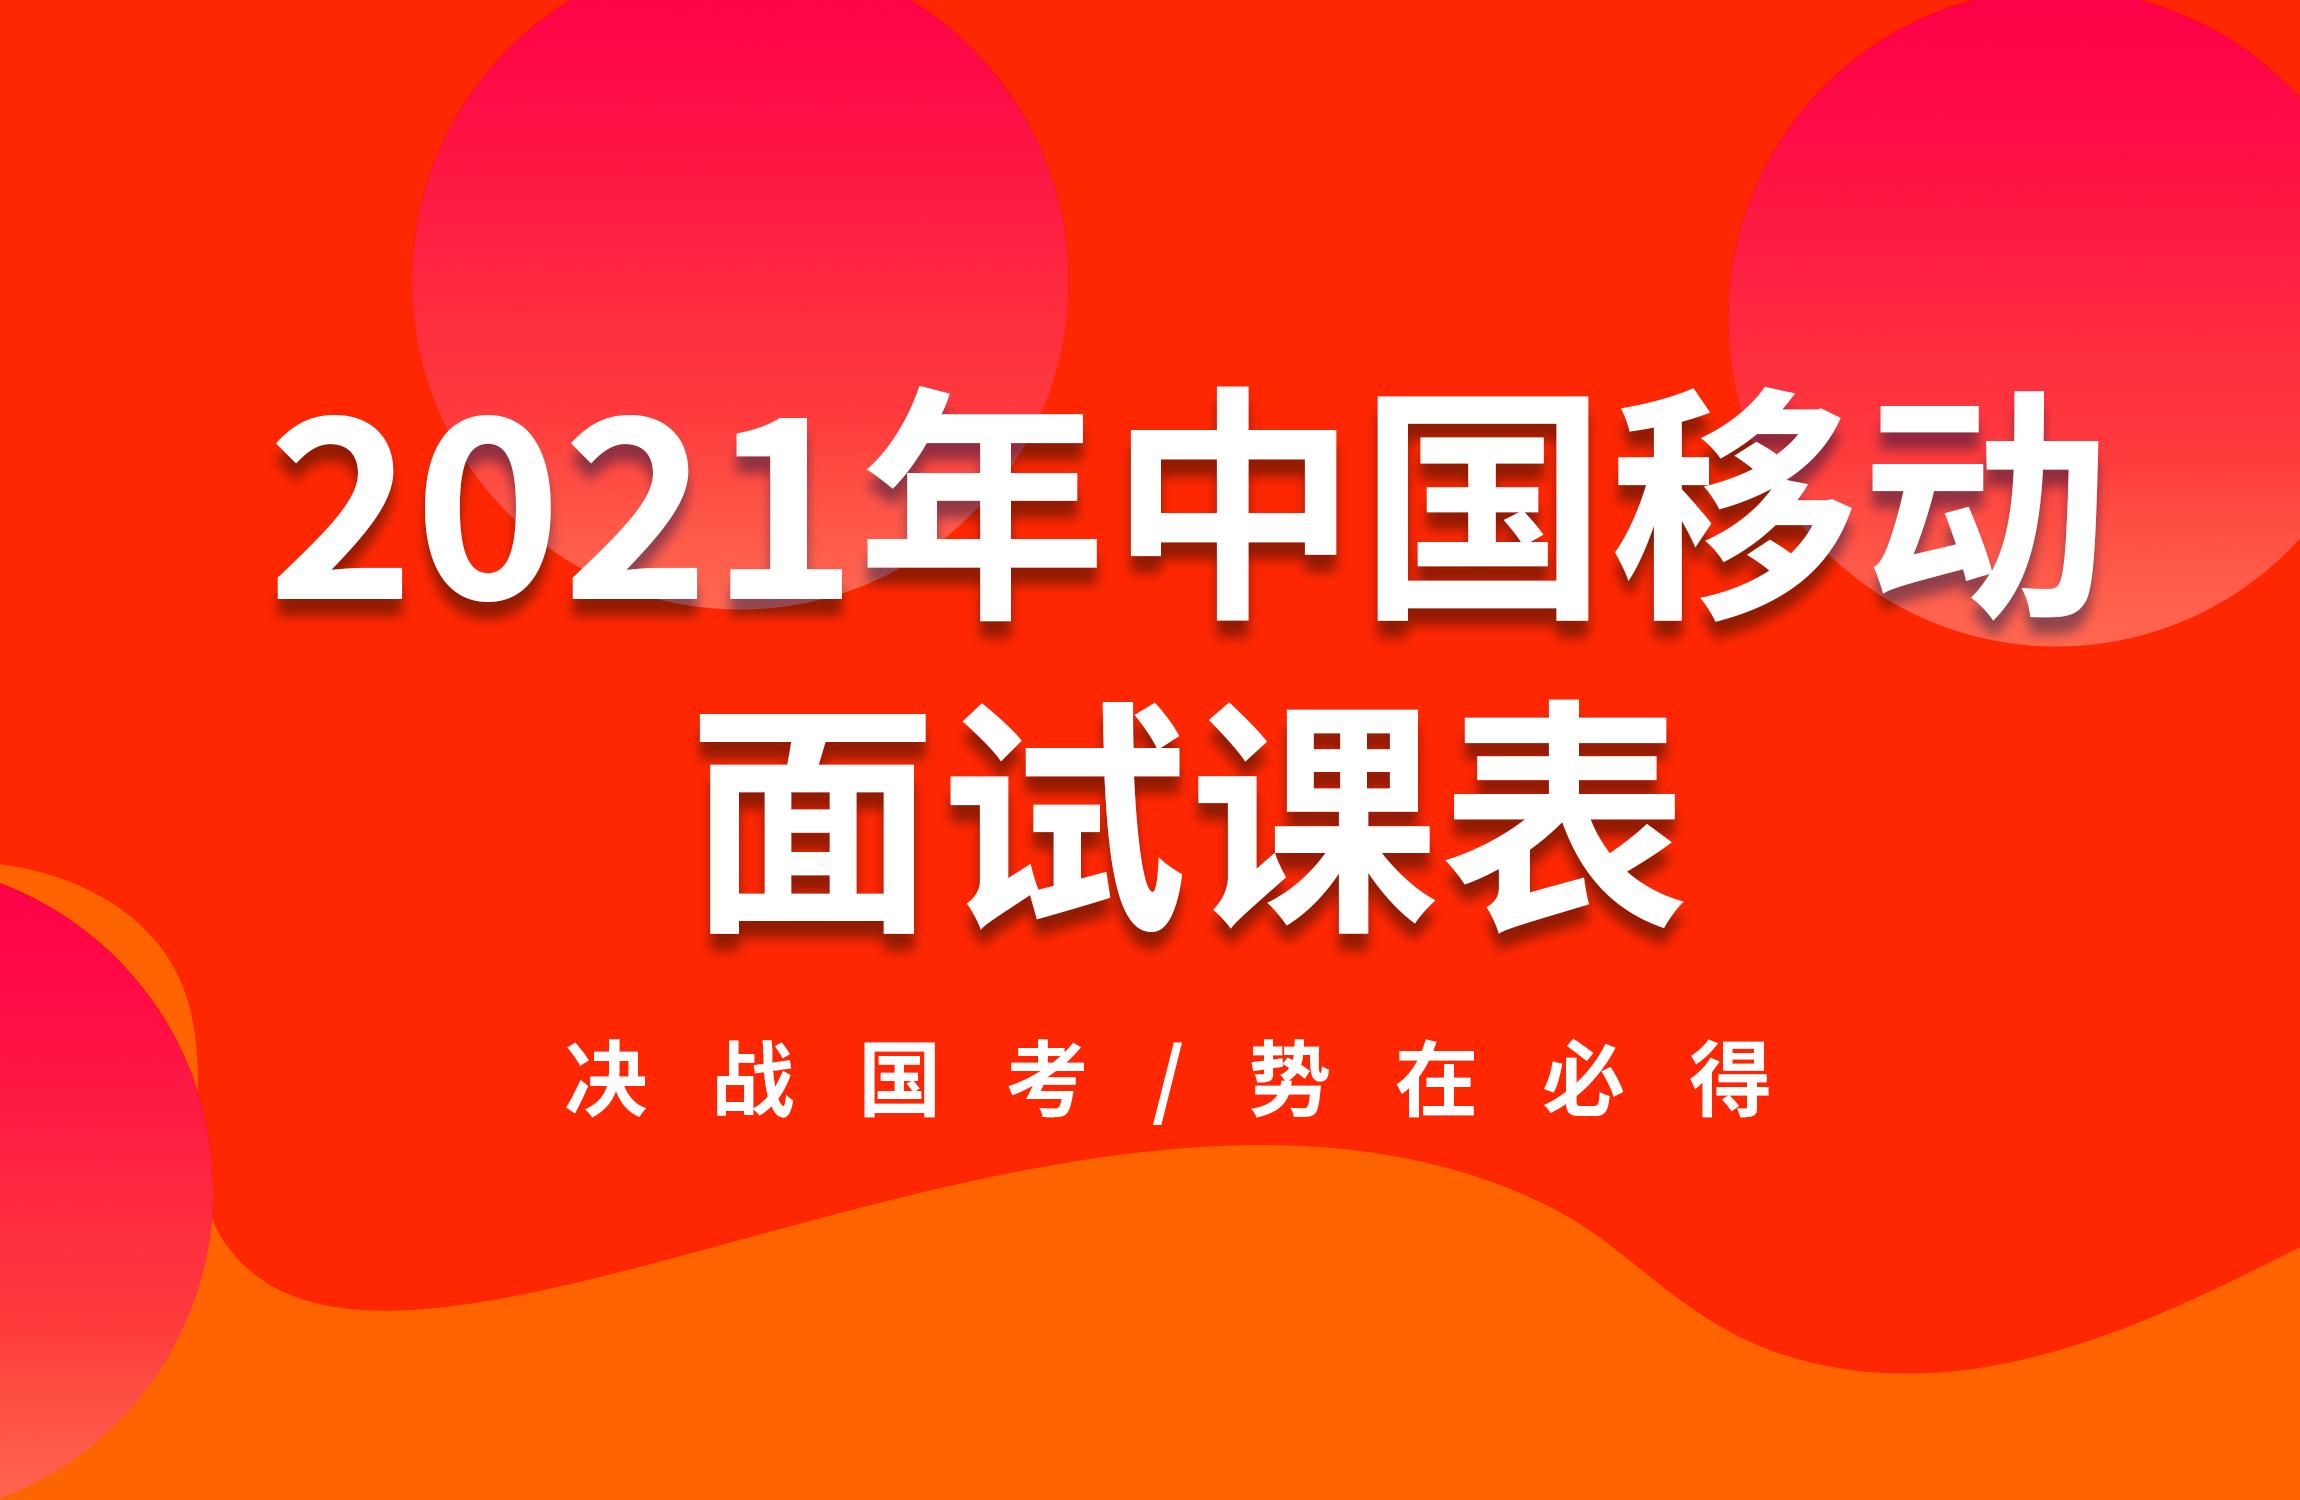 2021年中国移动面试课表